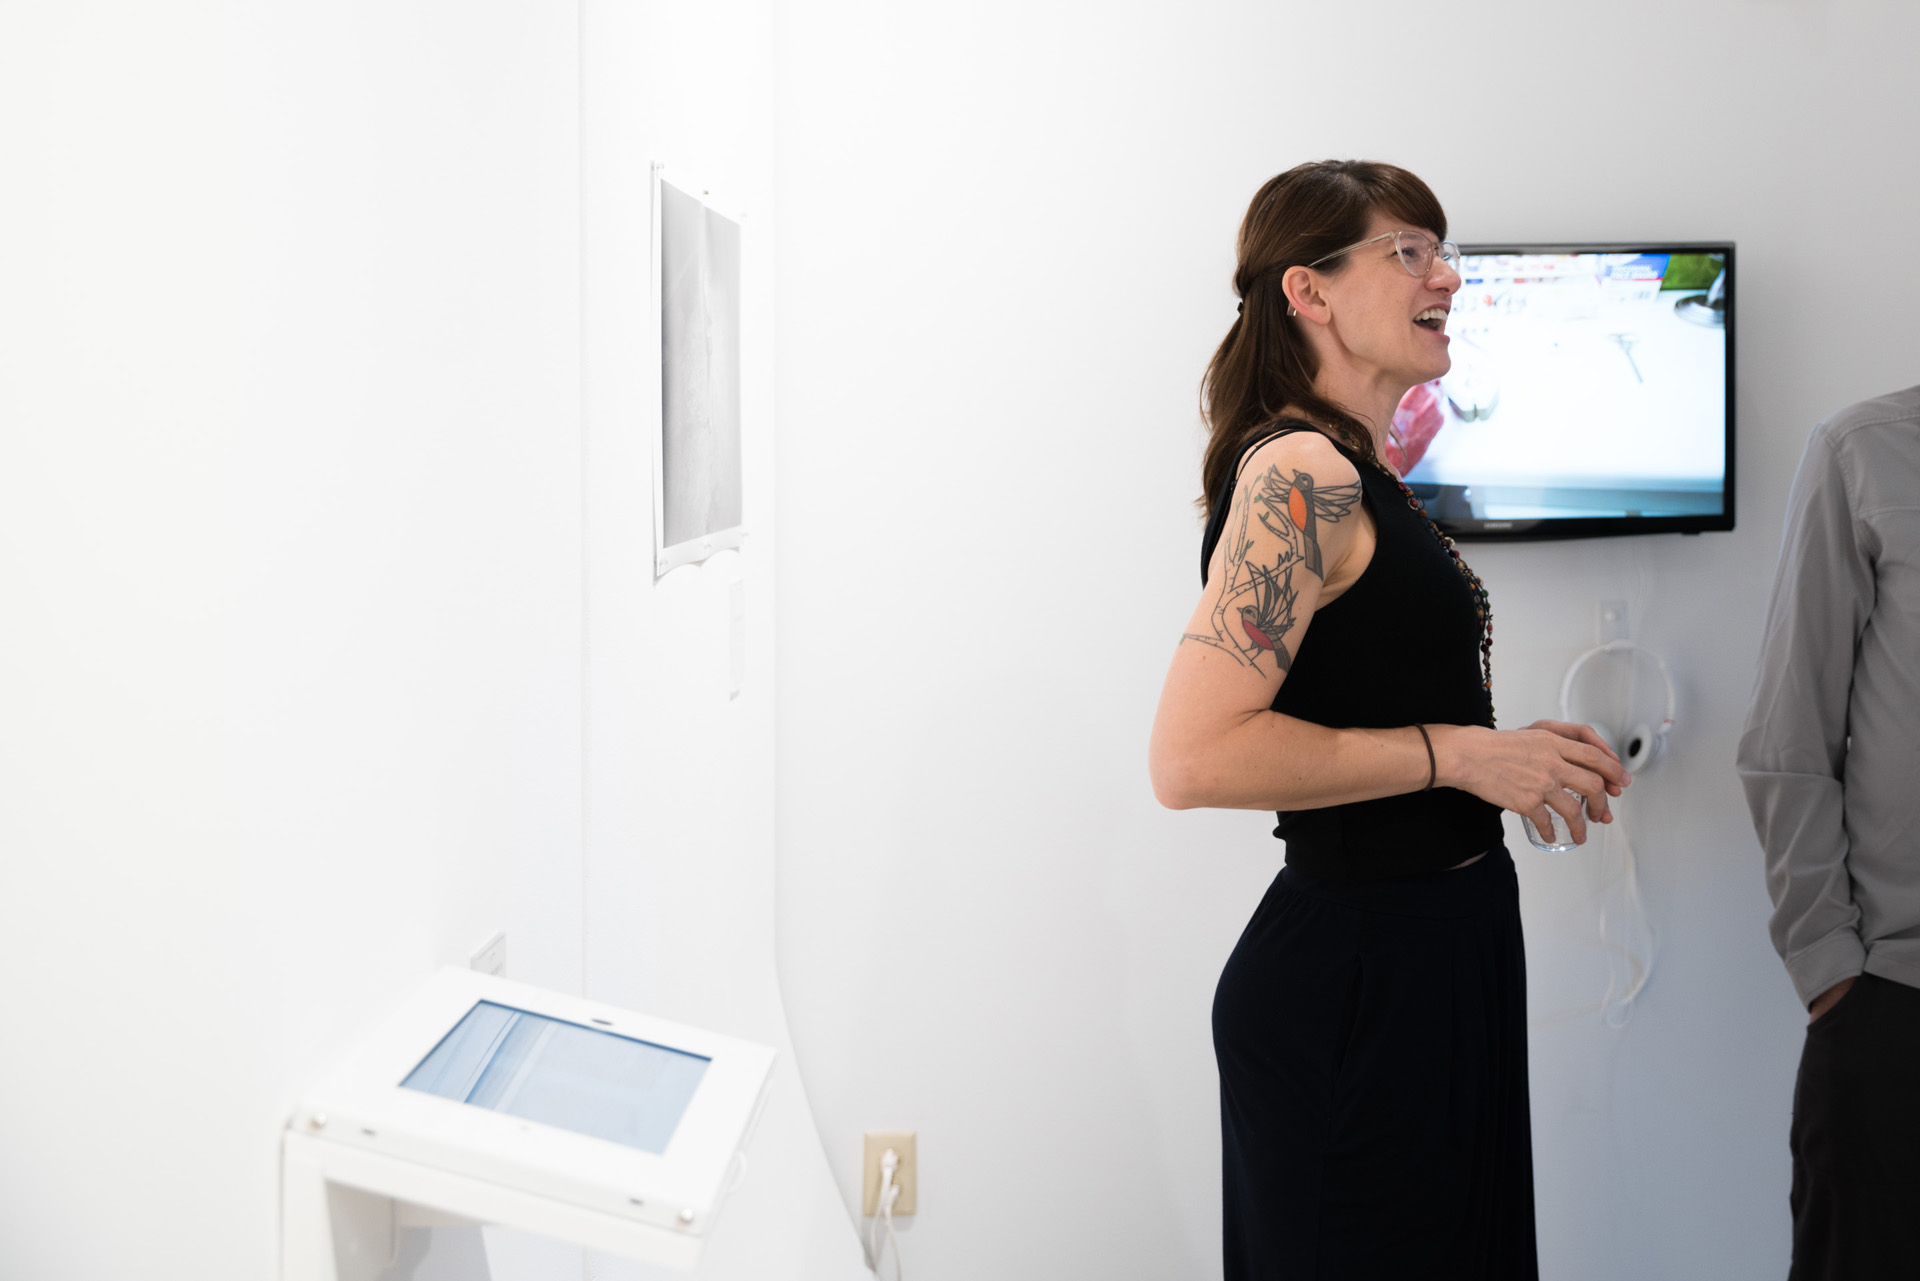 Exhibition: Salt Institute Alumni Show at Maine College of Art